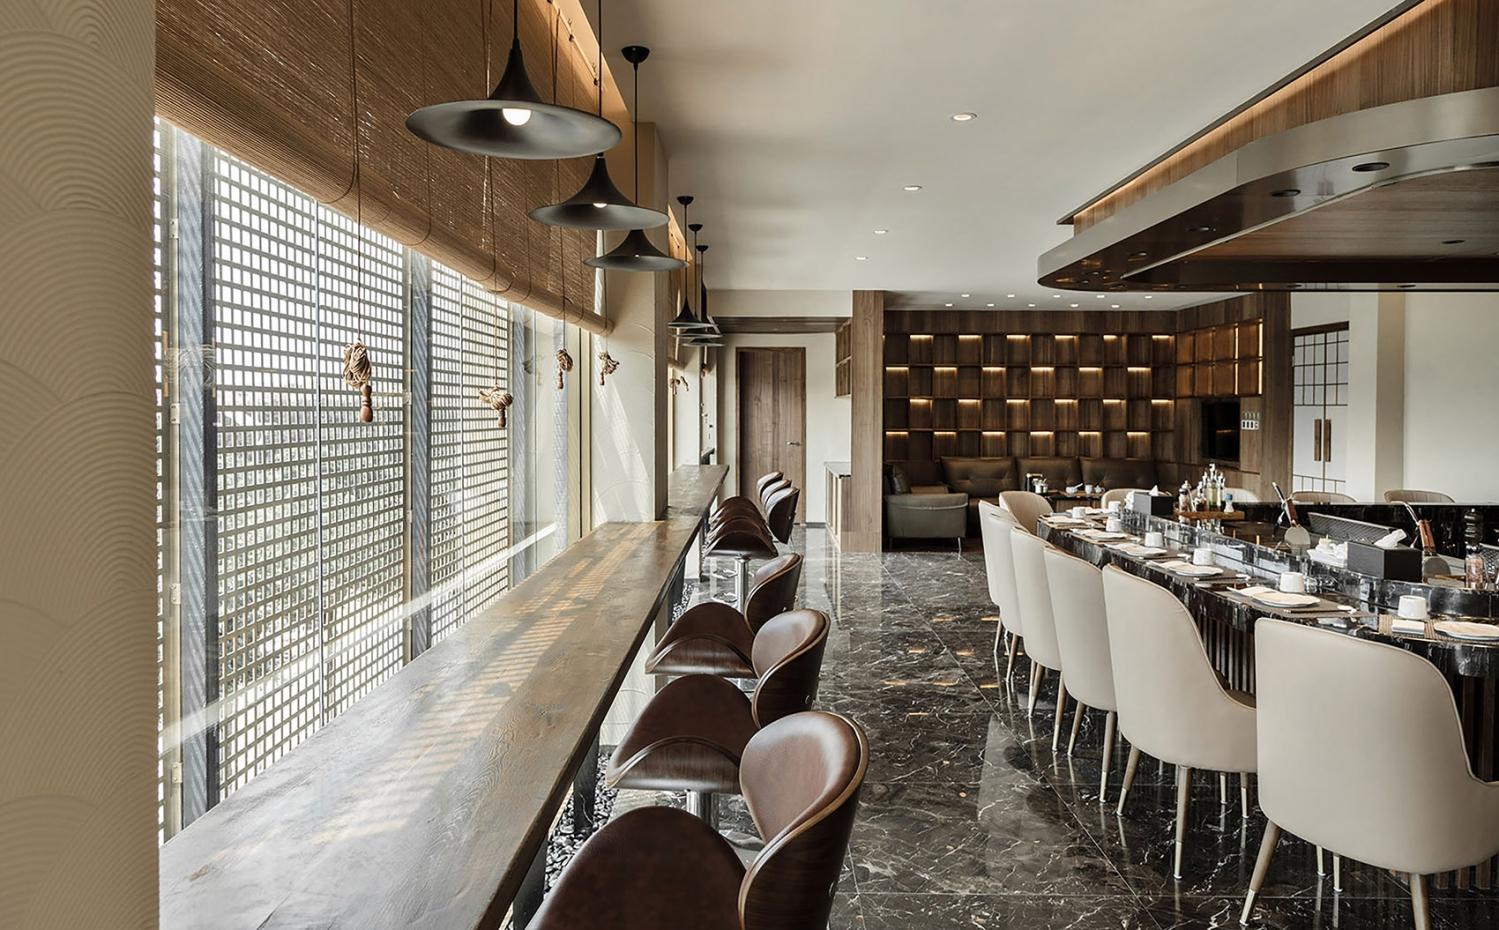 合作舍建筑事务所--得意日式铁板料理餐厅